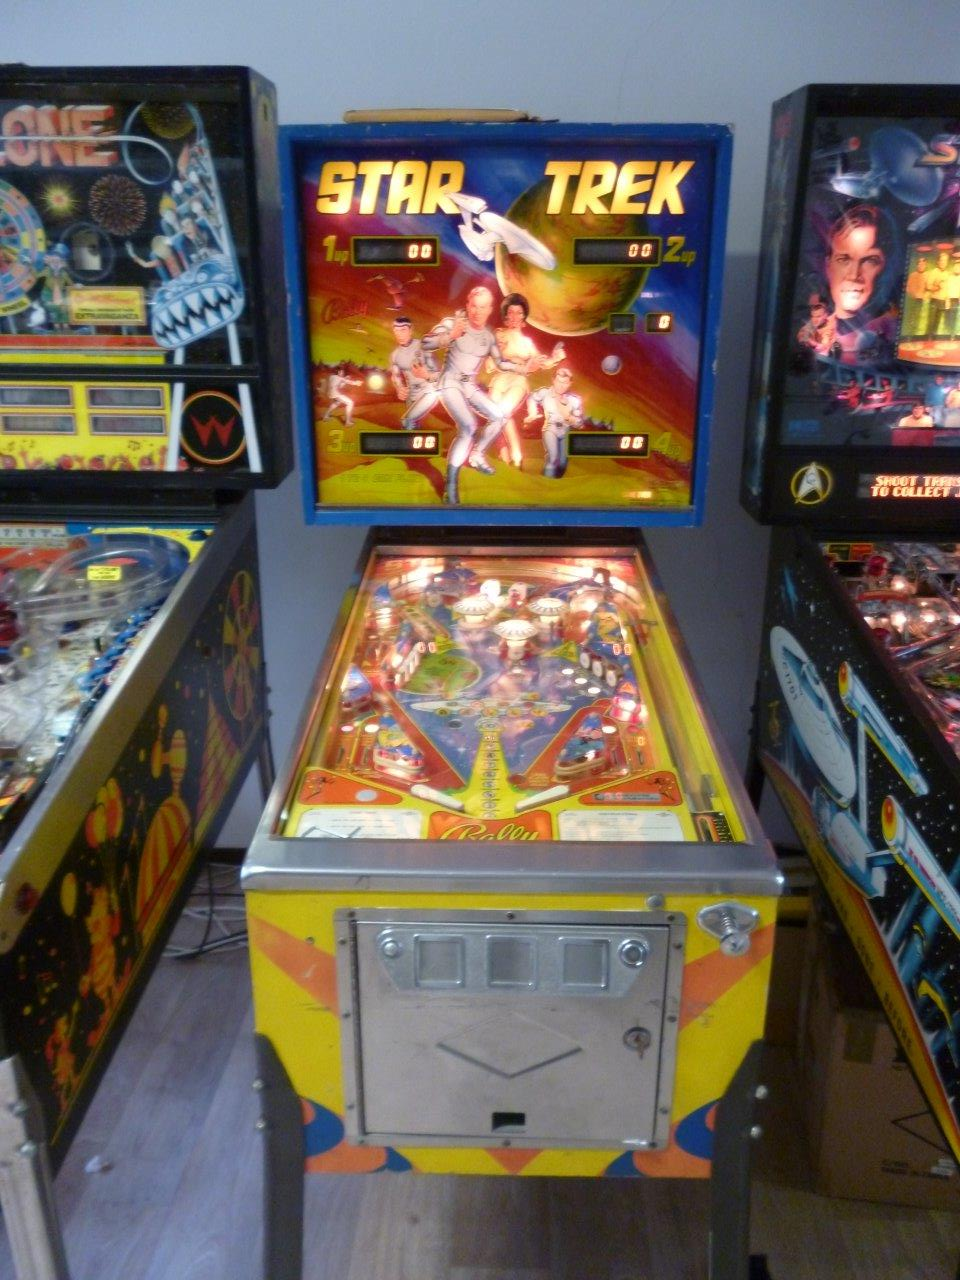 Star Trek   Bally   flipperkast kabinet